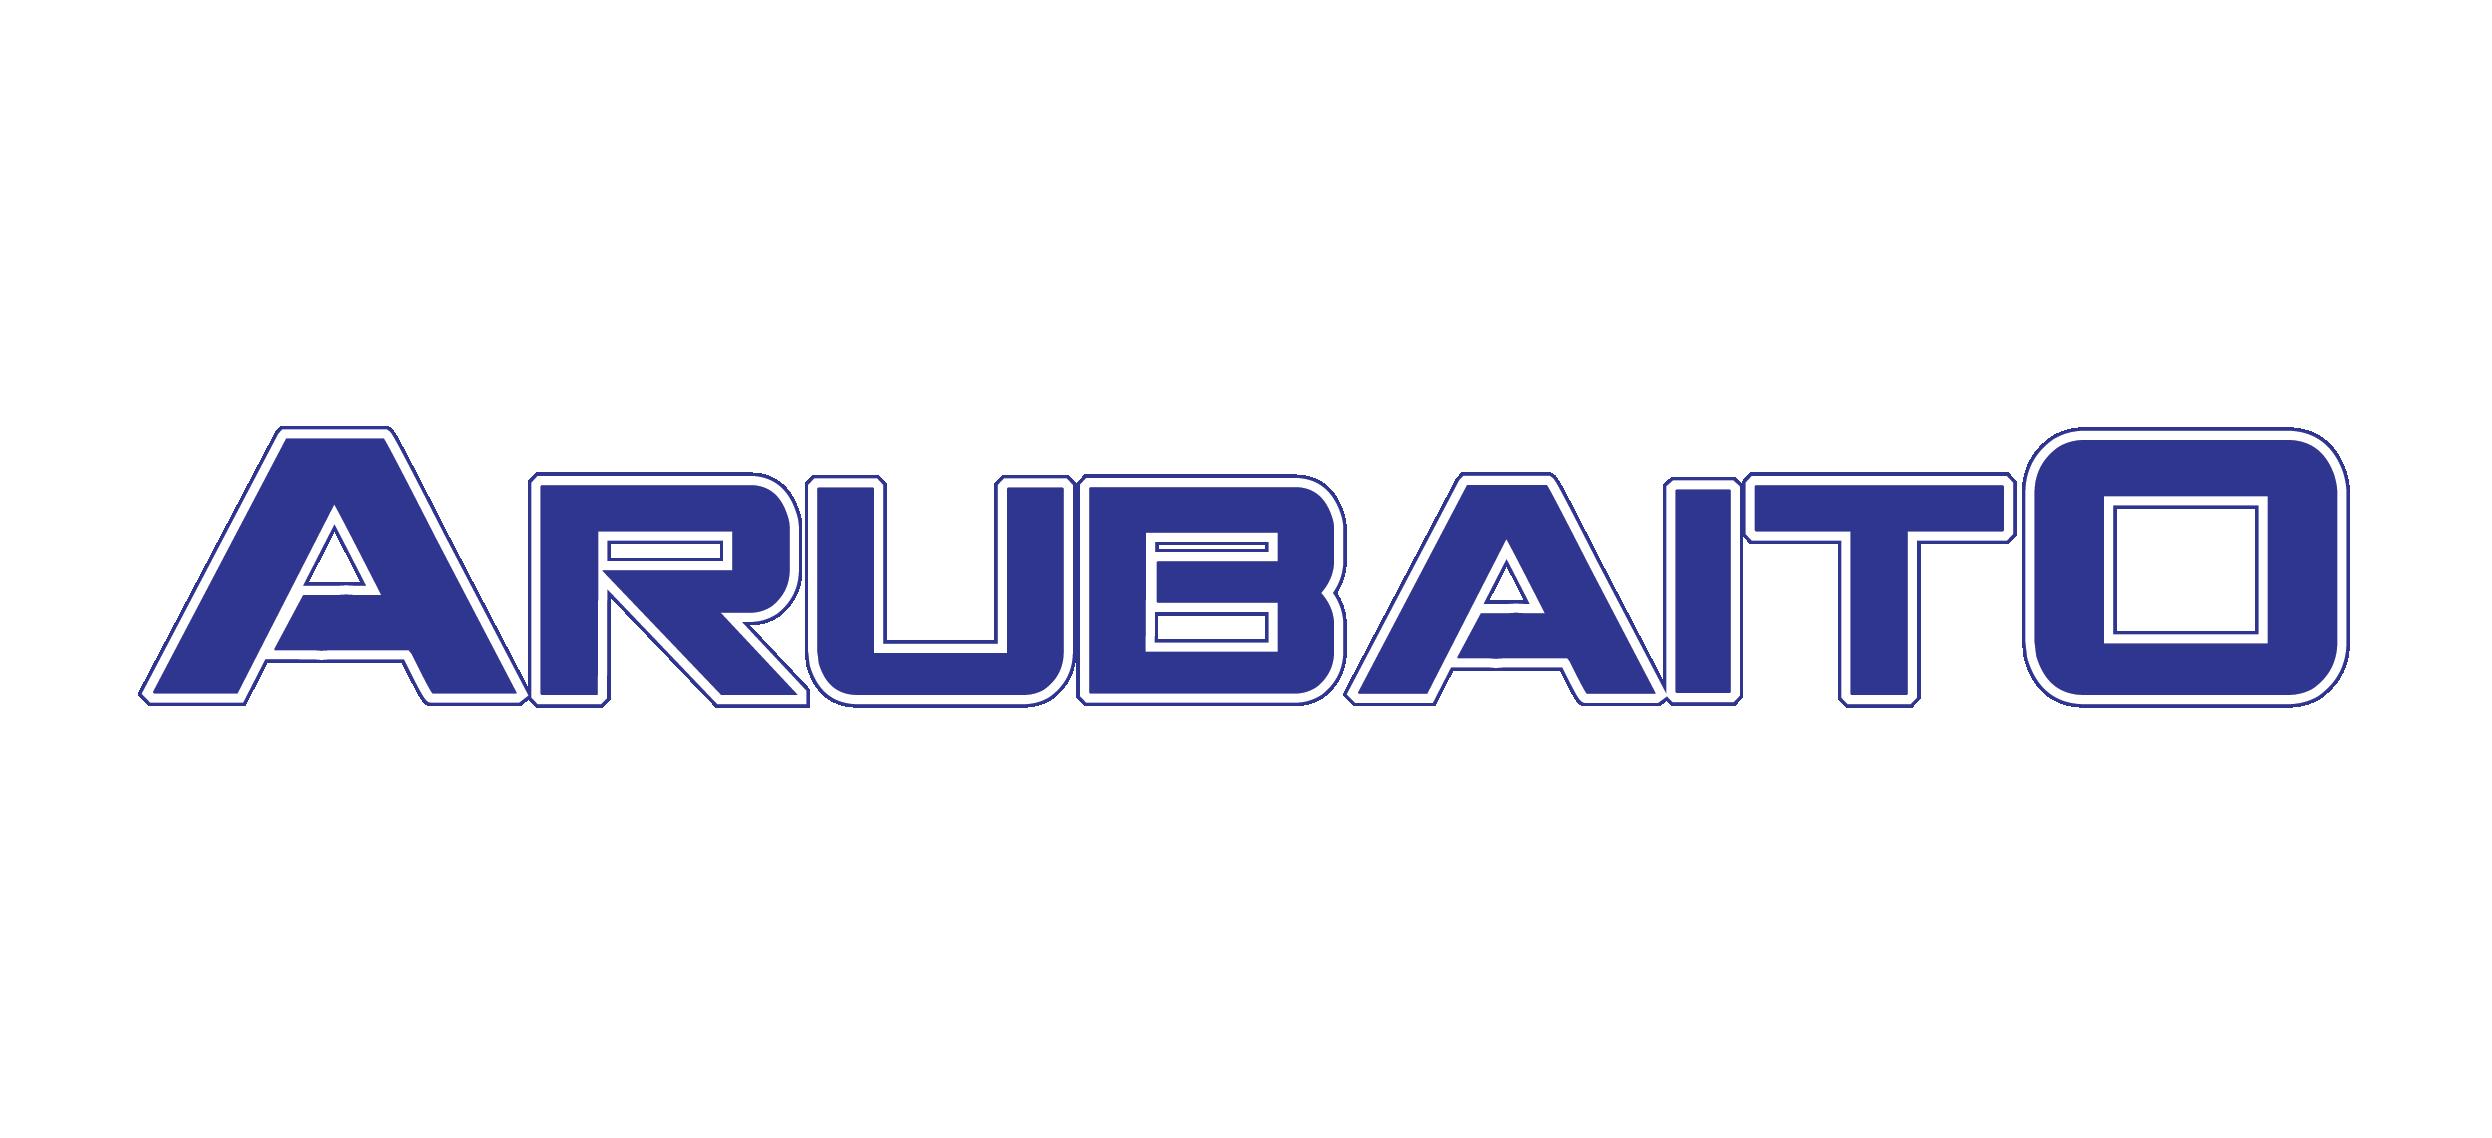 Arubaito World SDN BHD